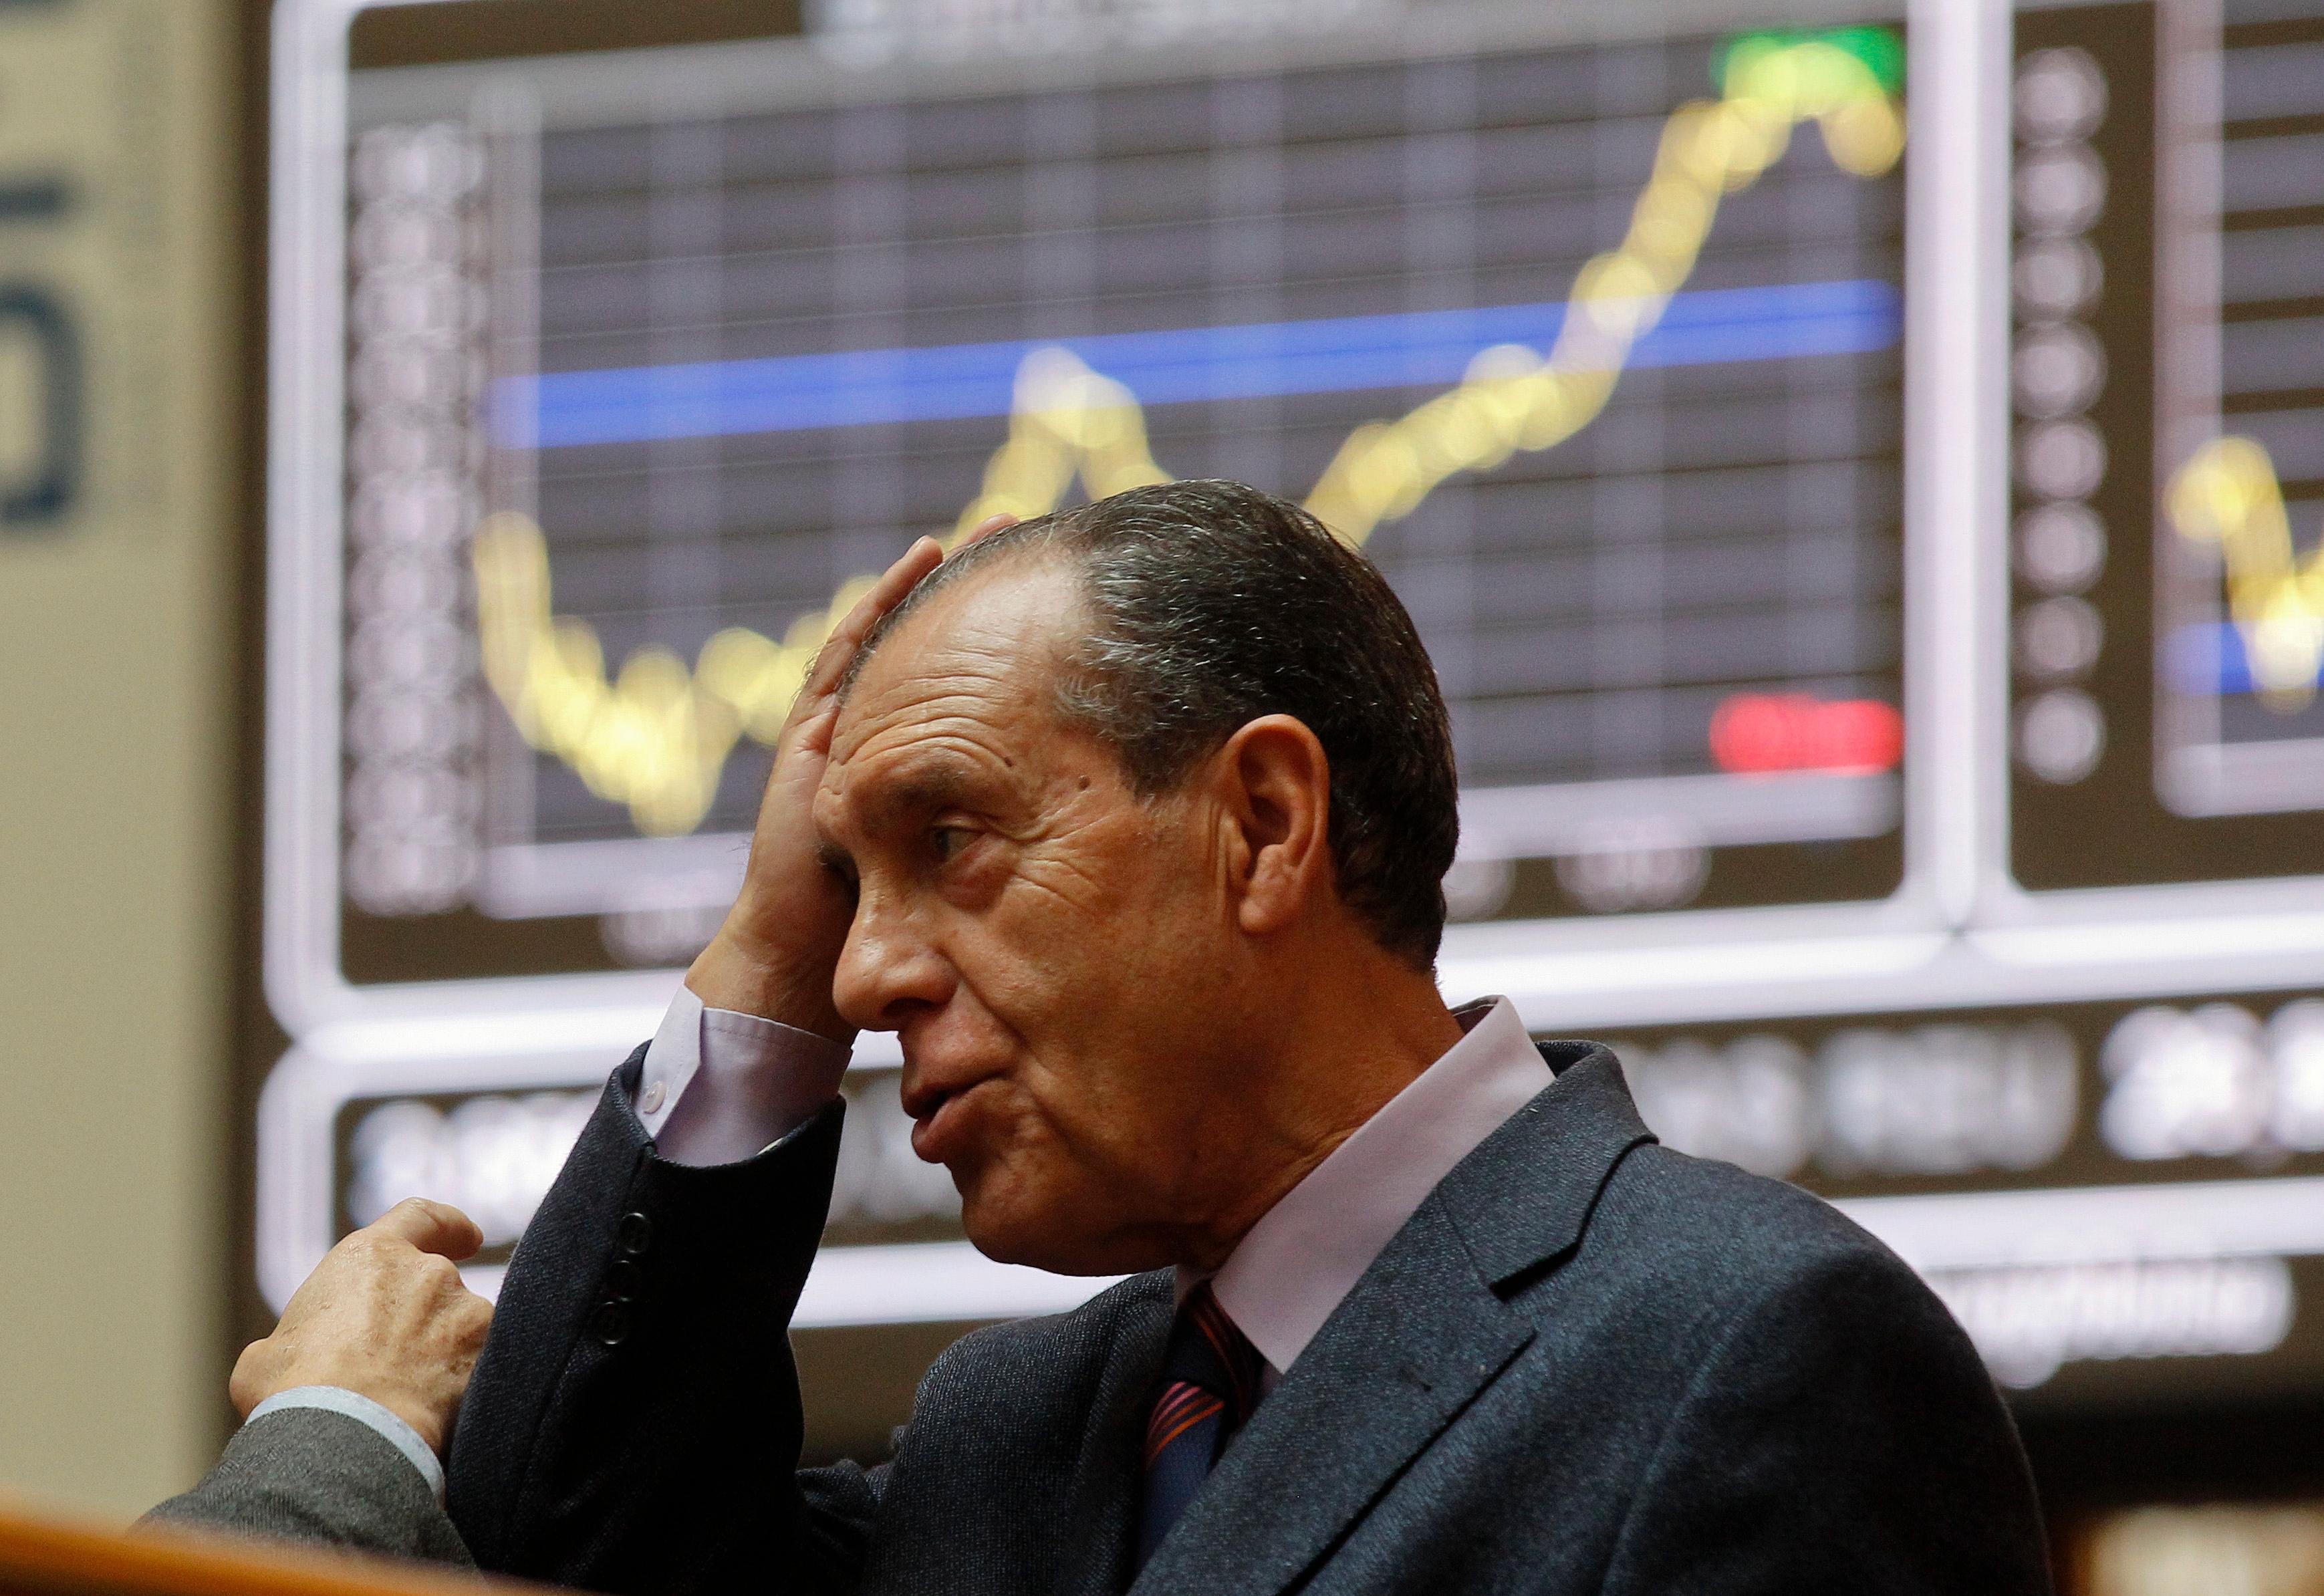 En 2012, la Bourse n'aura d'yeux que pour la croissance